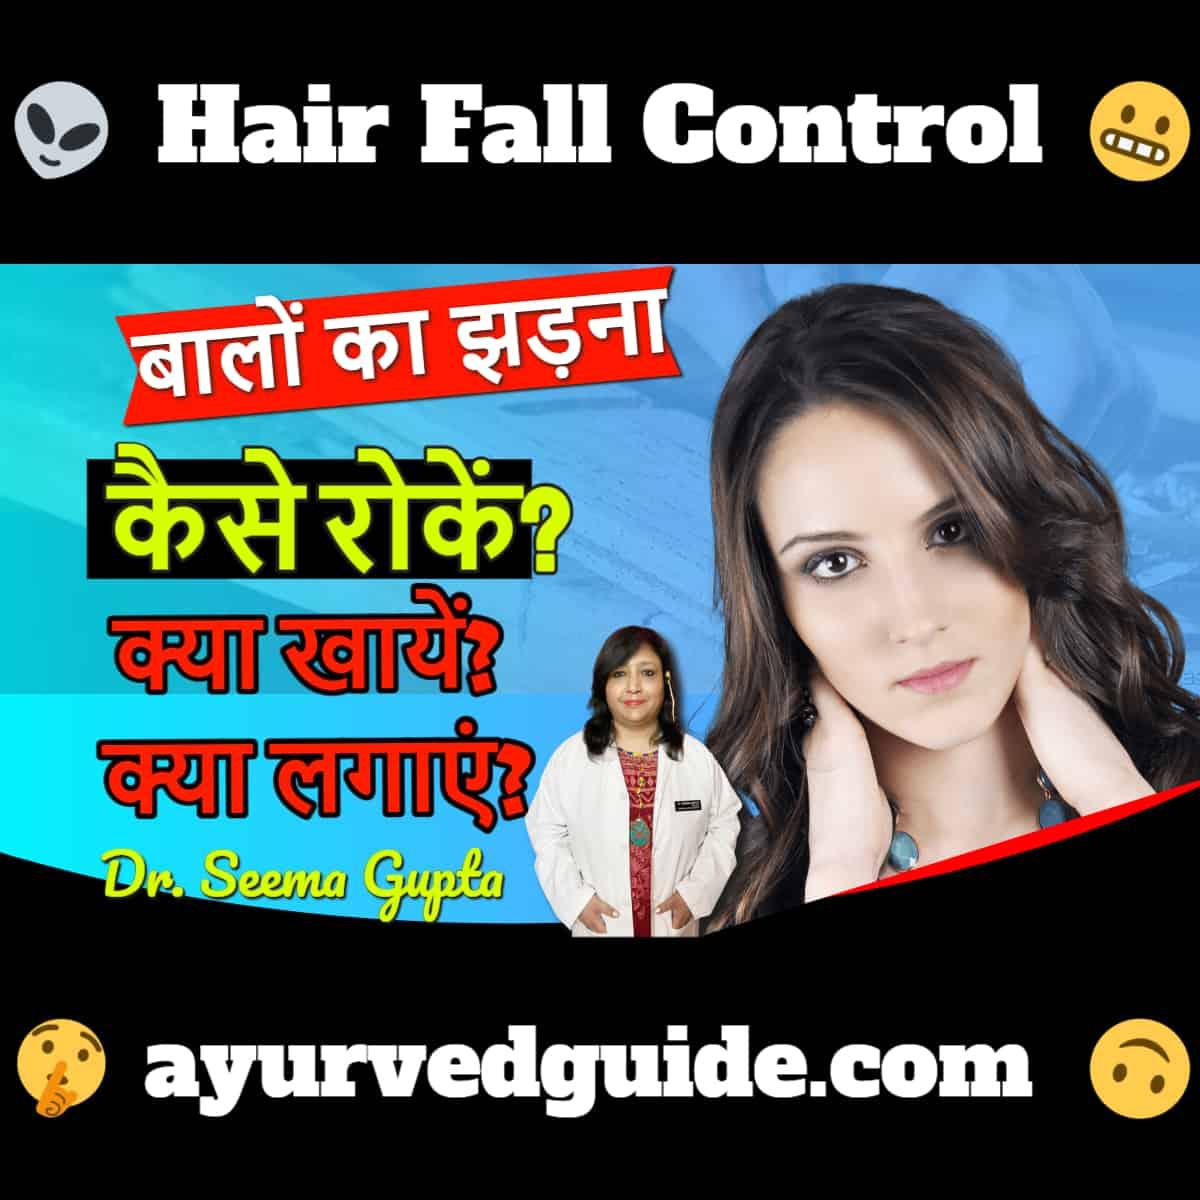 Hair Fall Control - बालों का झड़ना कैसे रोकें? क्या खायें? क्या लगाएं?